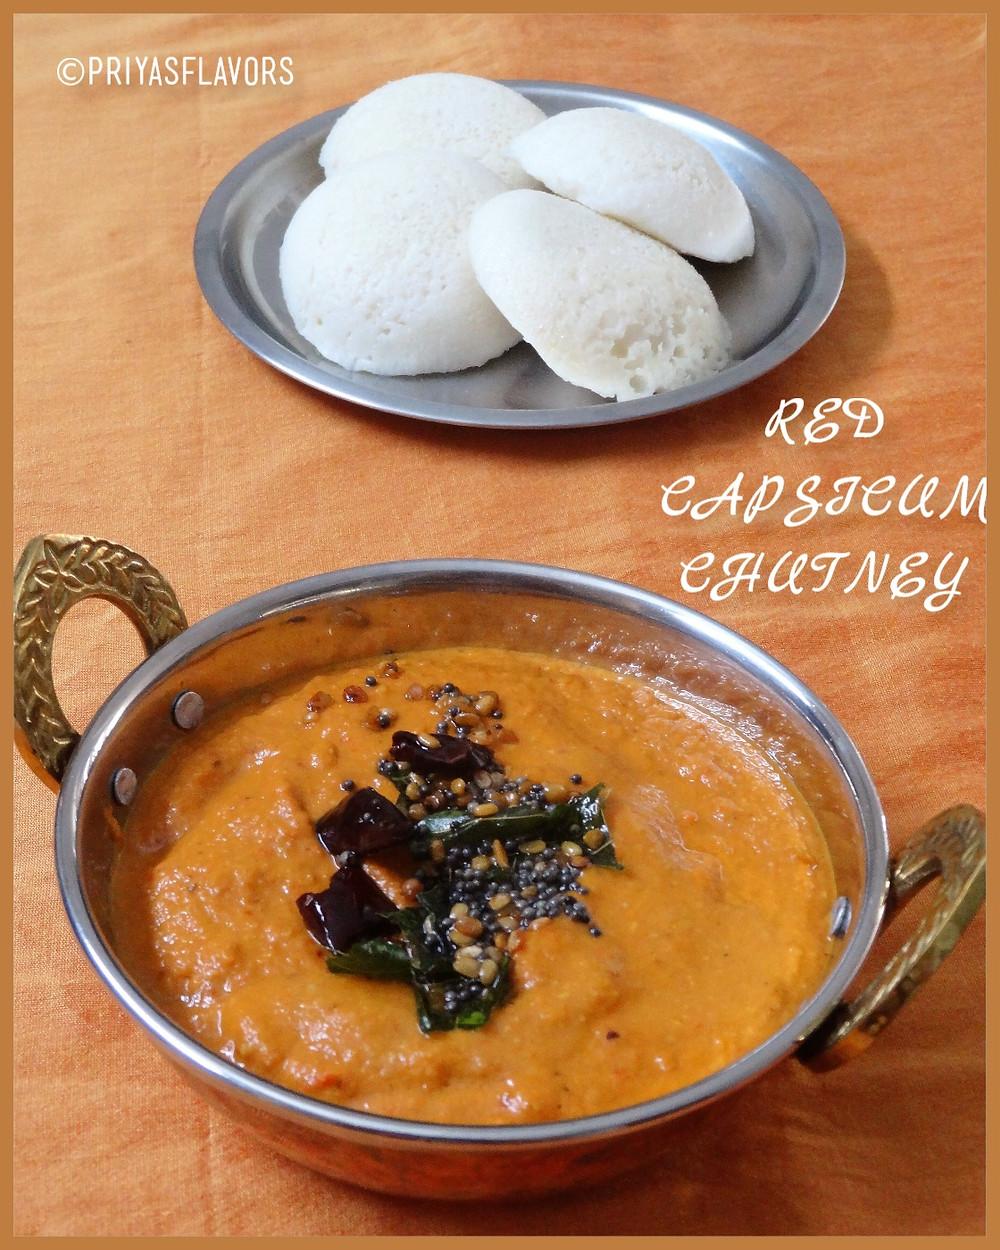 red capsicum chutney